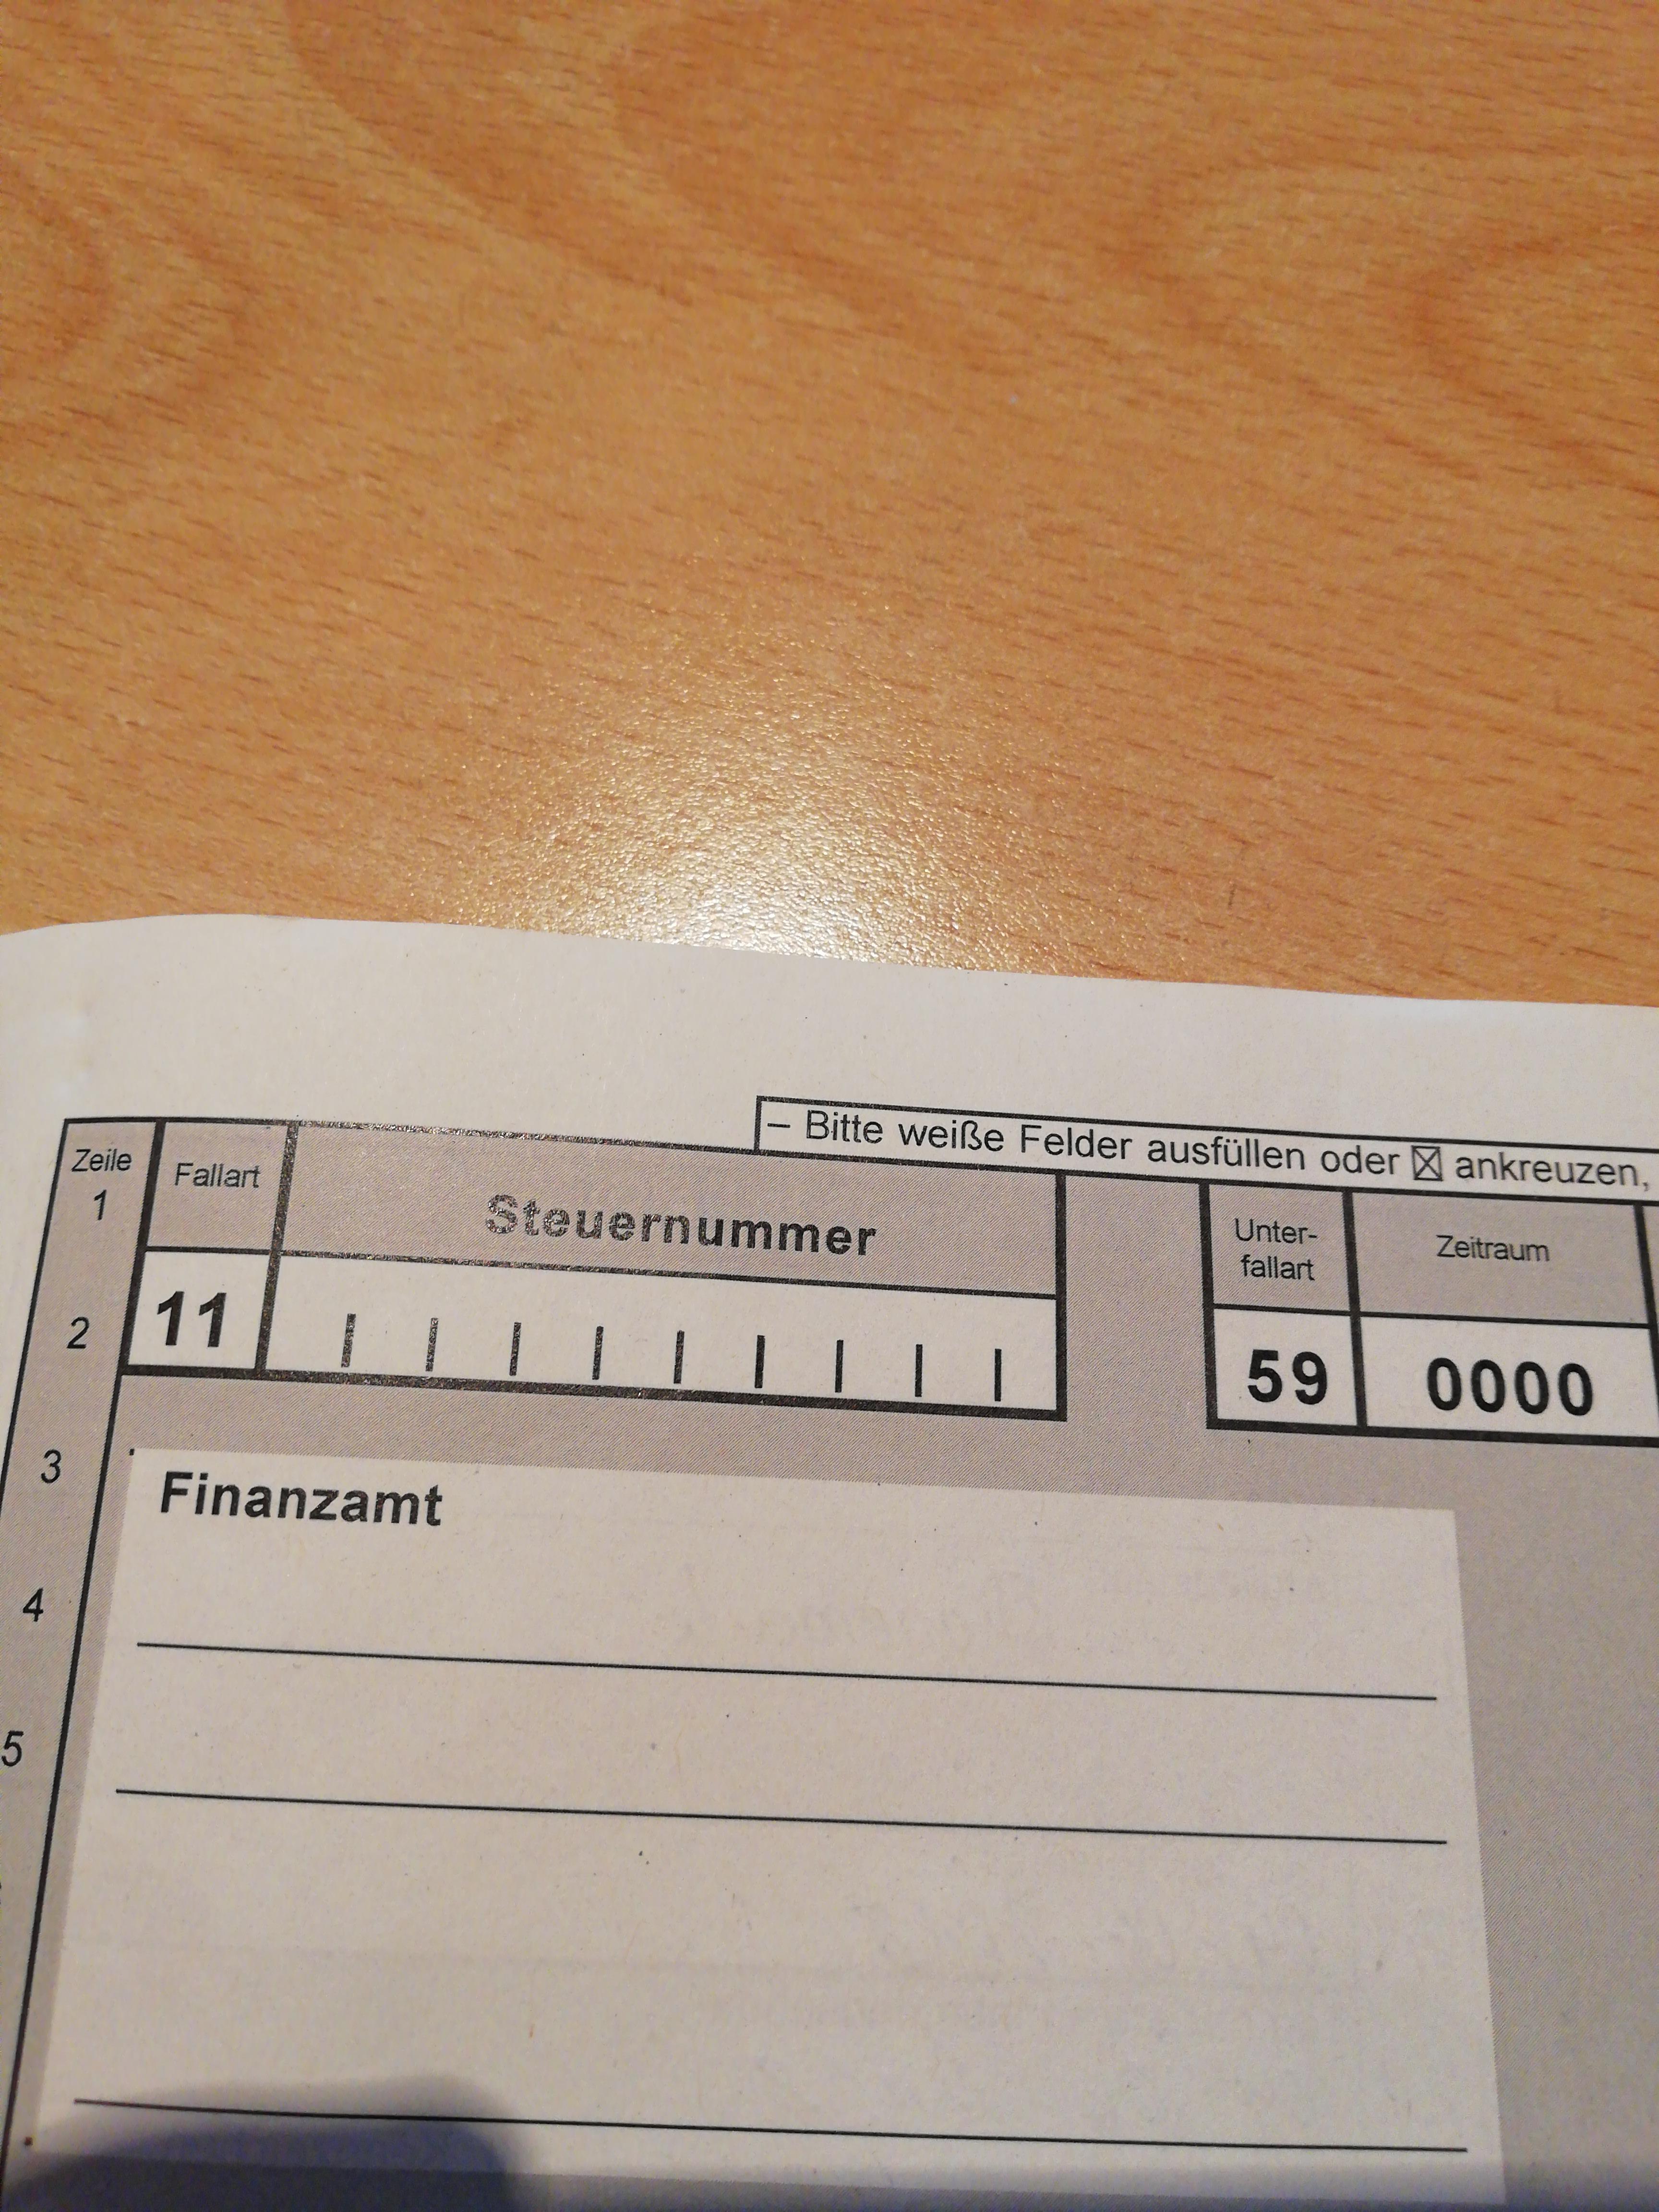 Kfz Steuer. Was soll ich hier machen? (Steuern, Finanzamt, ID)